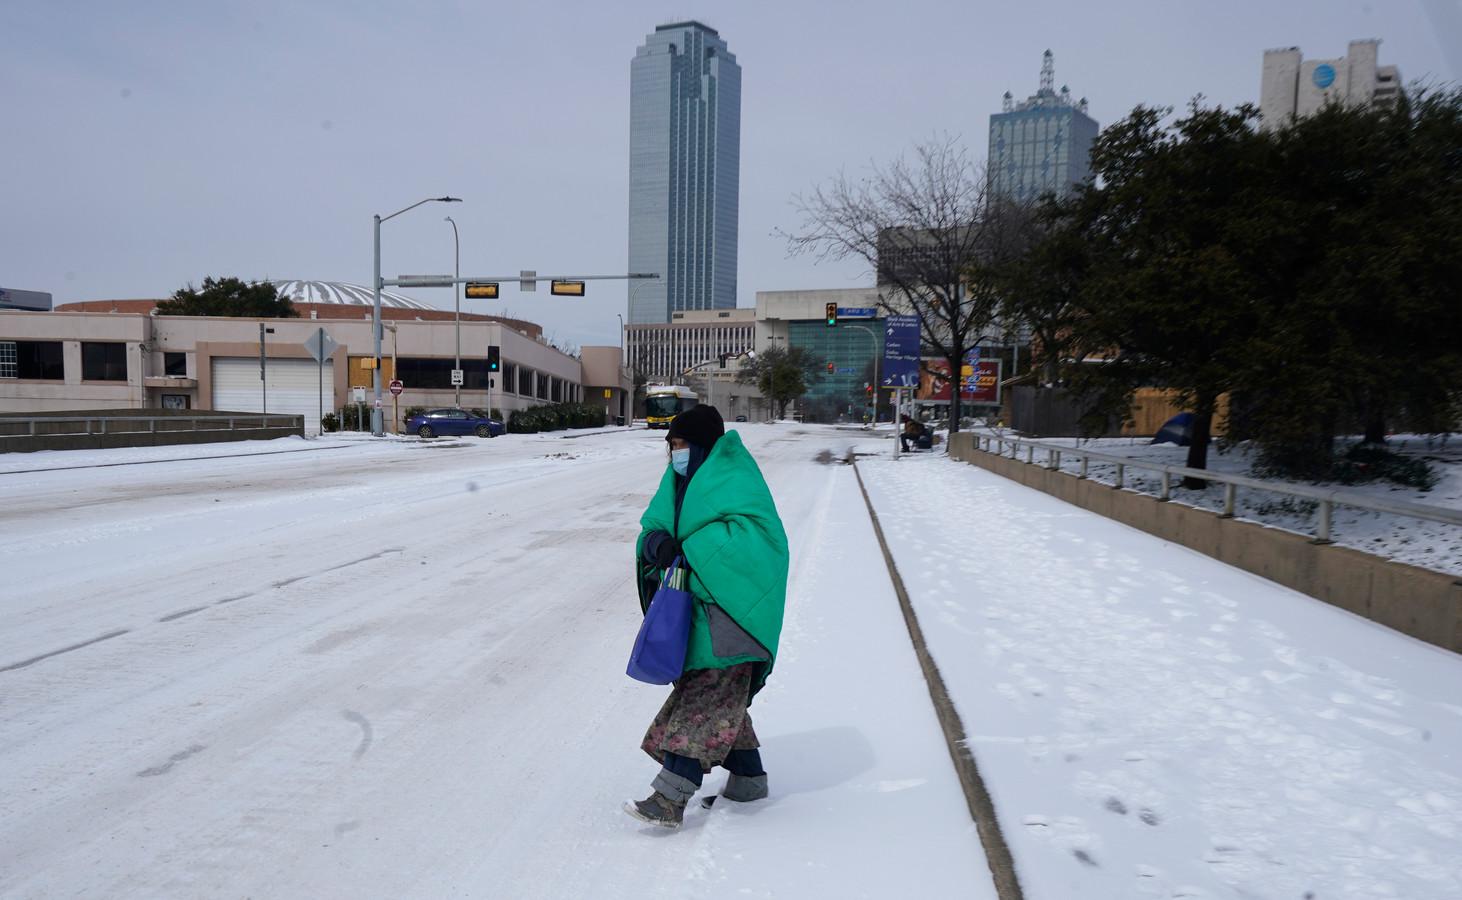 """Een sneeuwtapijt in Dallas. """"Fake"""", zeggen TikTokkers. De sneeuw werd volgens hen geproduceerd door de overheid."""